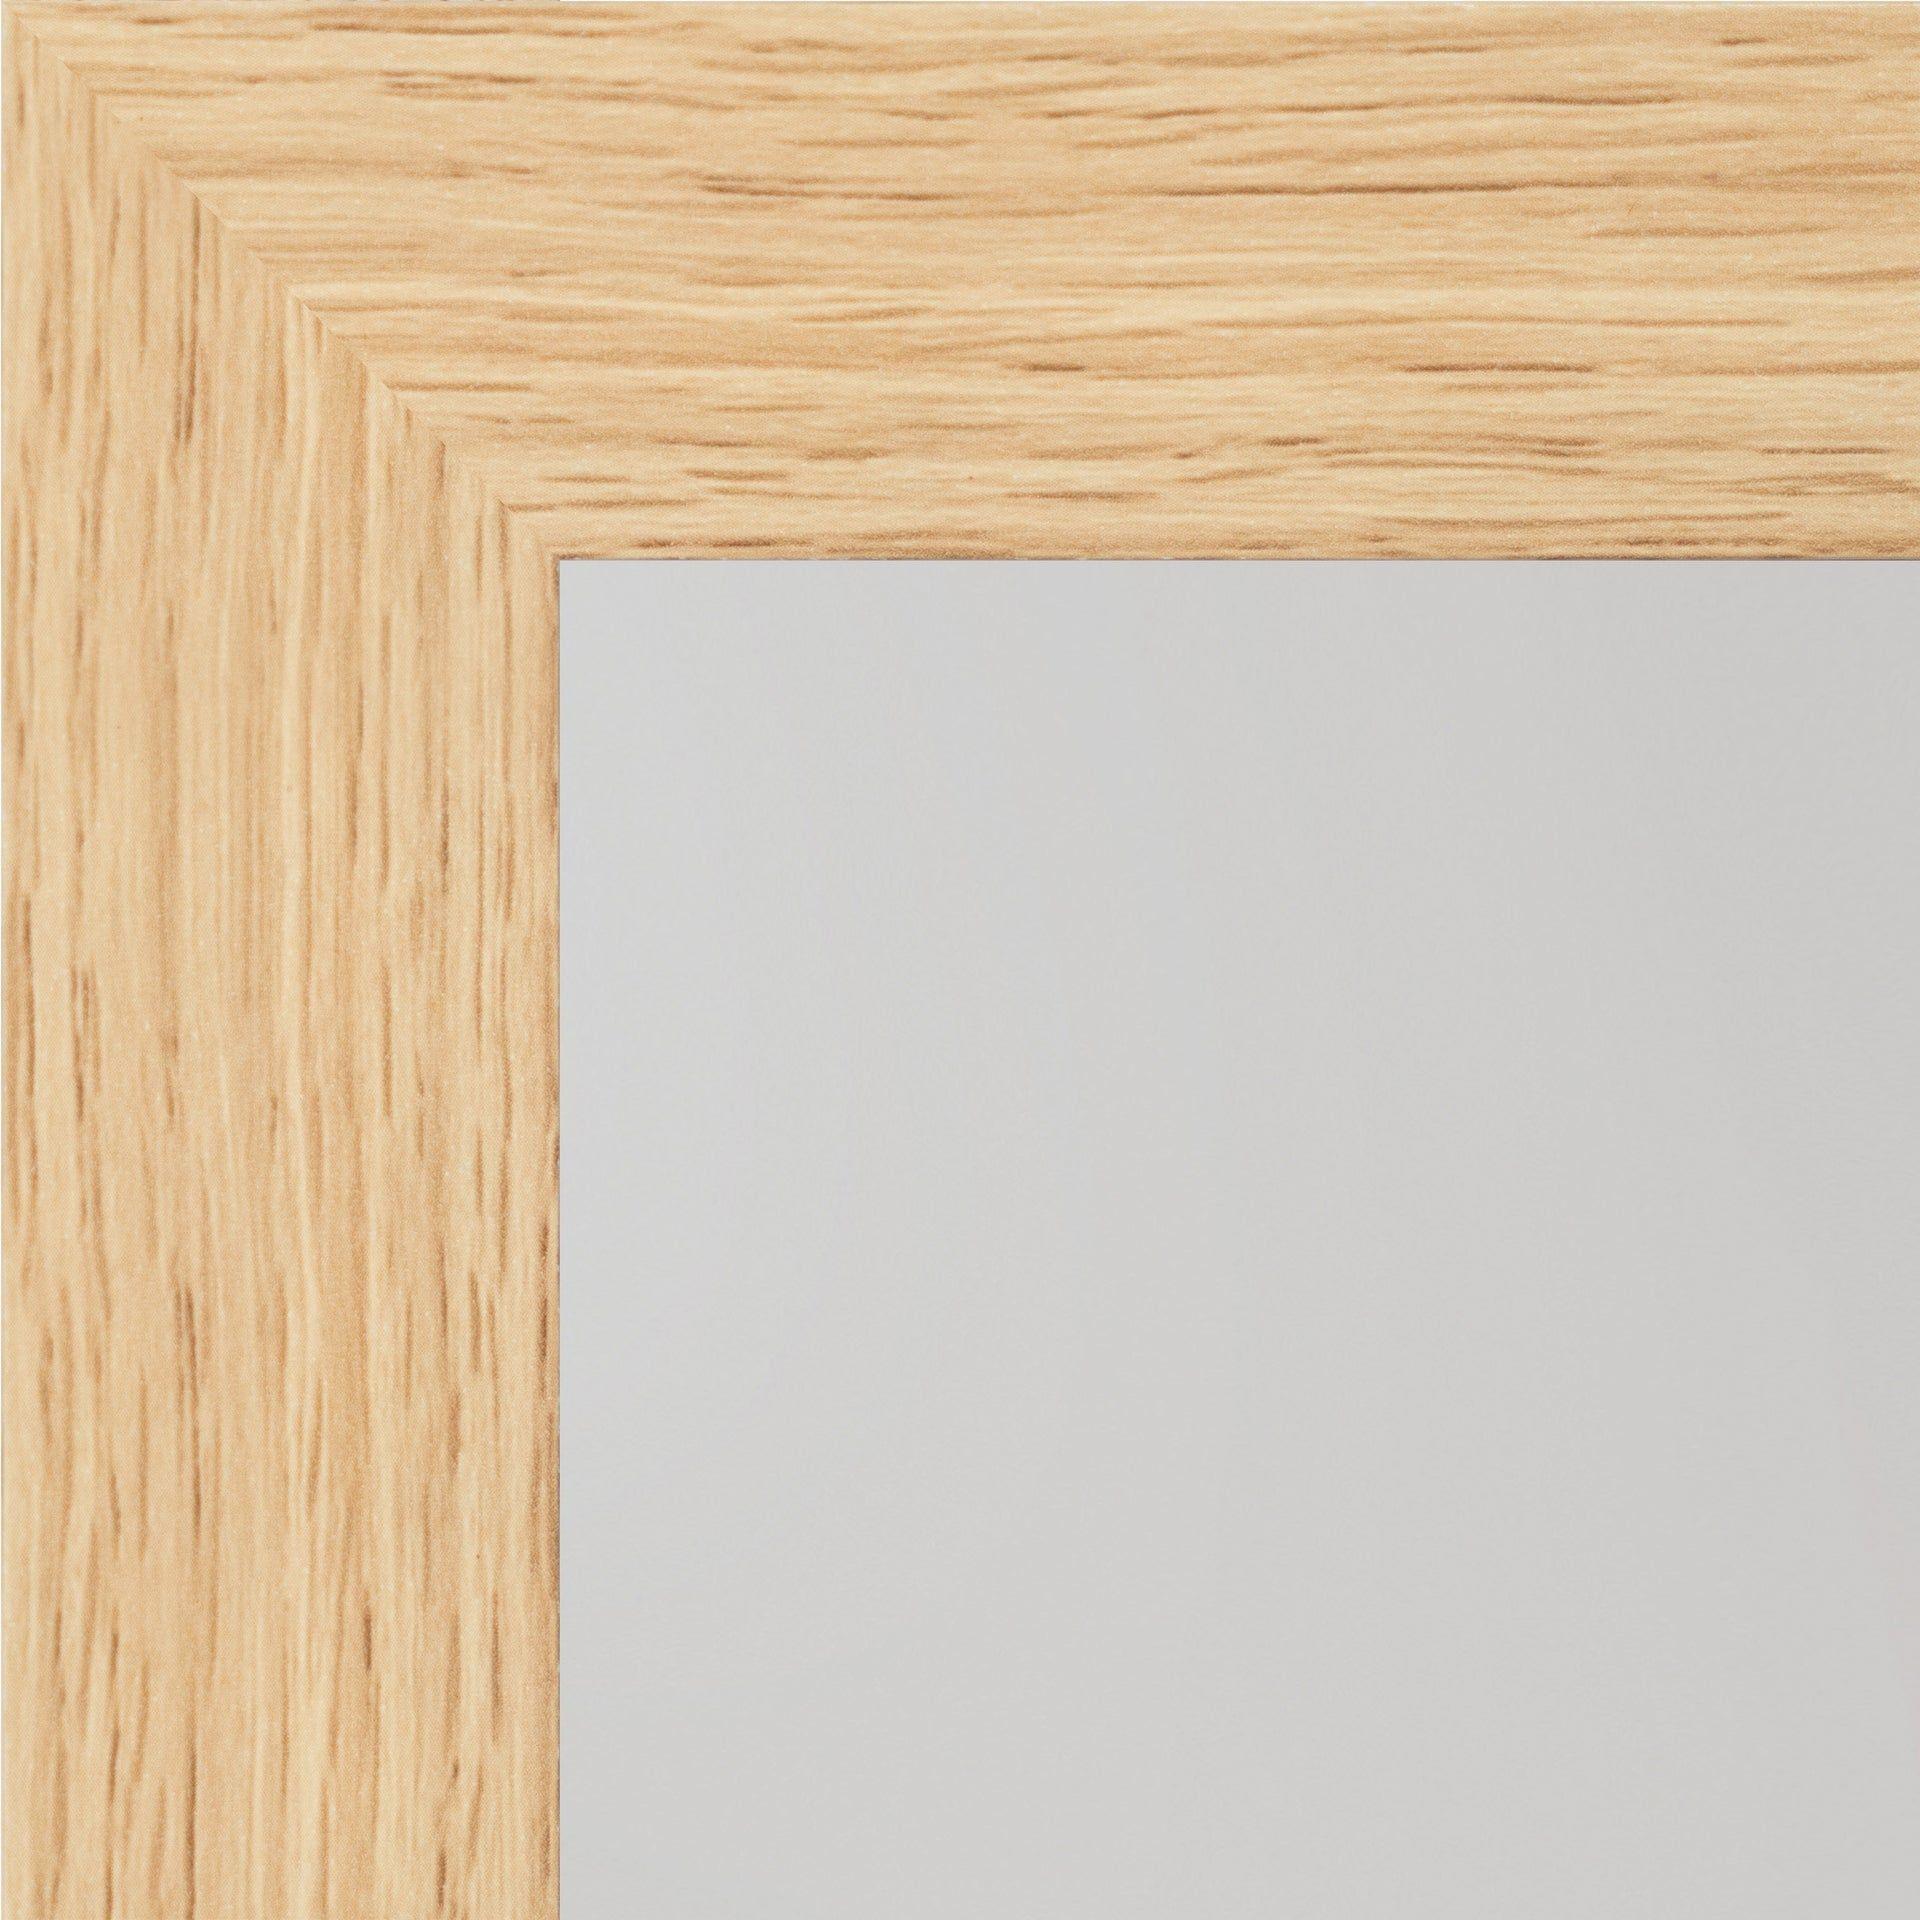 miroir rectangulaire basic chene clair